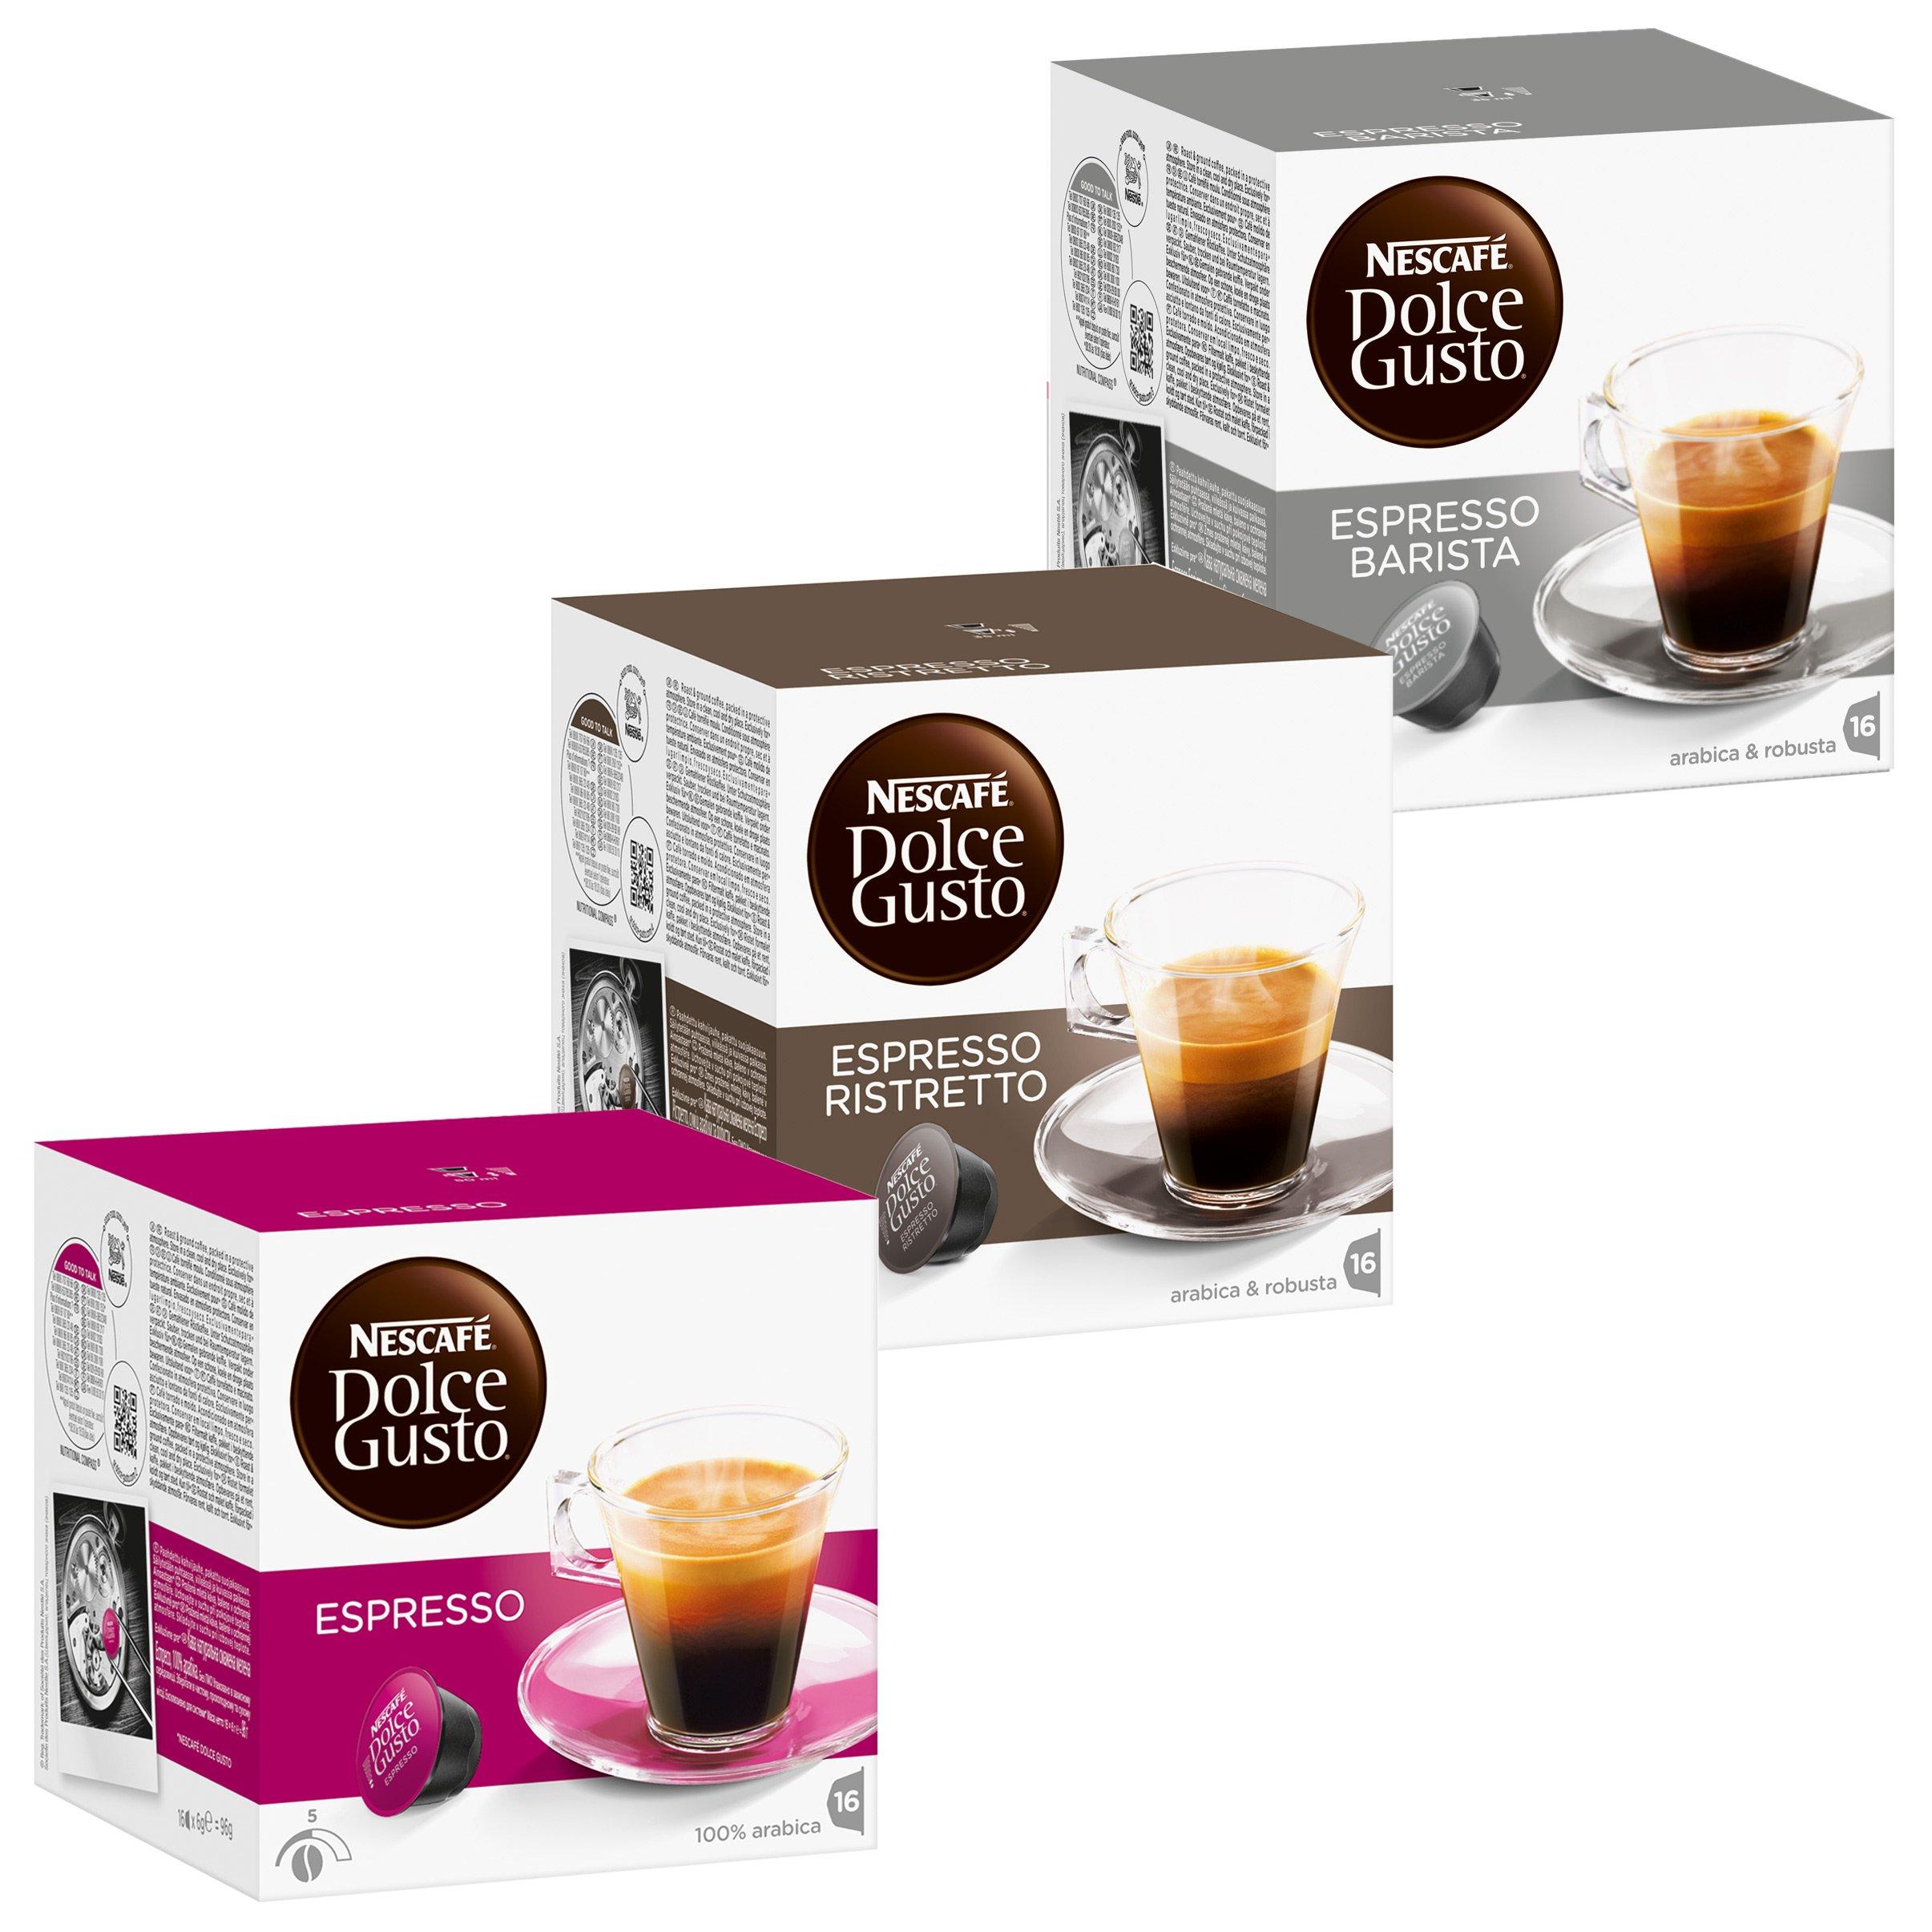 Nescafé Dolce Gusto Rapido Set: Espresso, Ristretto, Barista, 3 x 16 Capsules